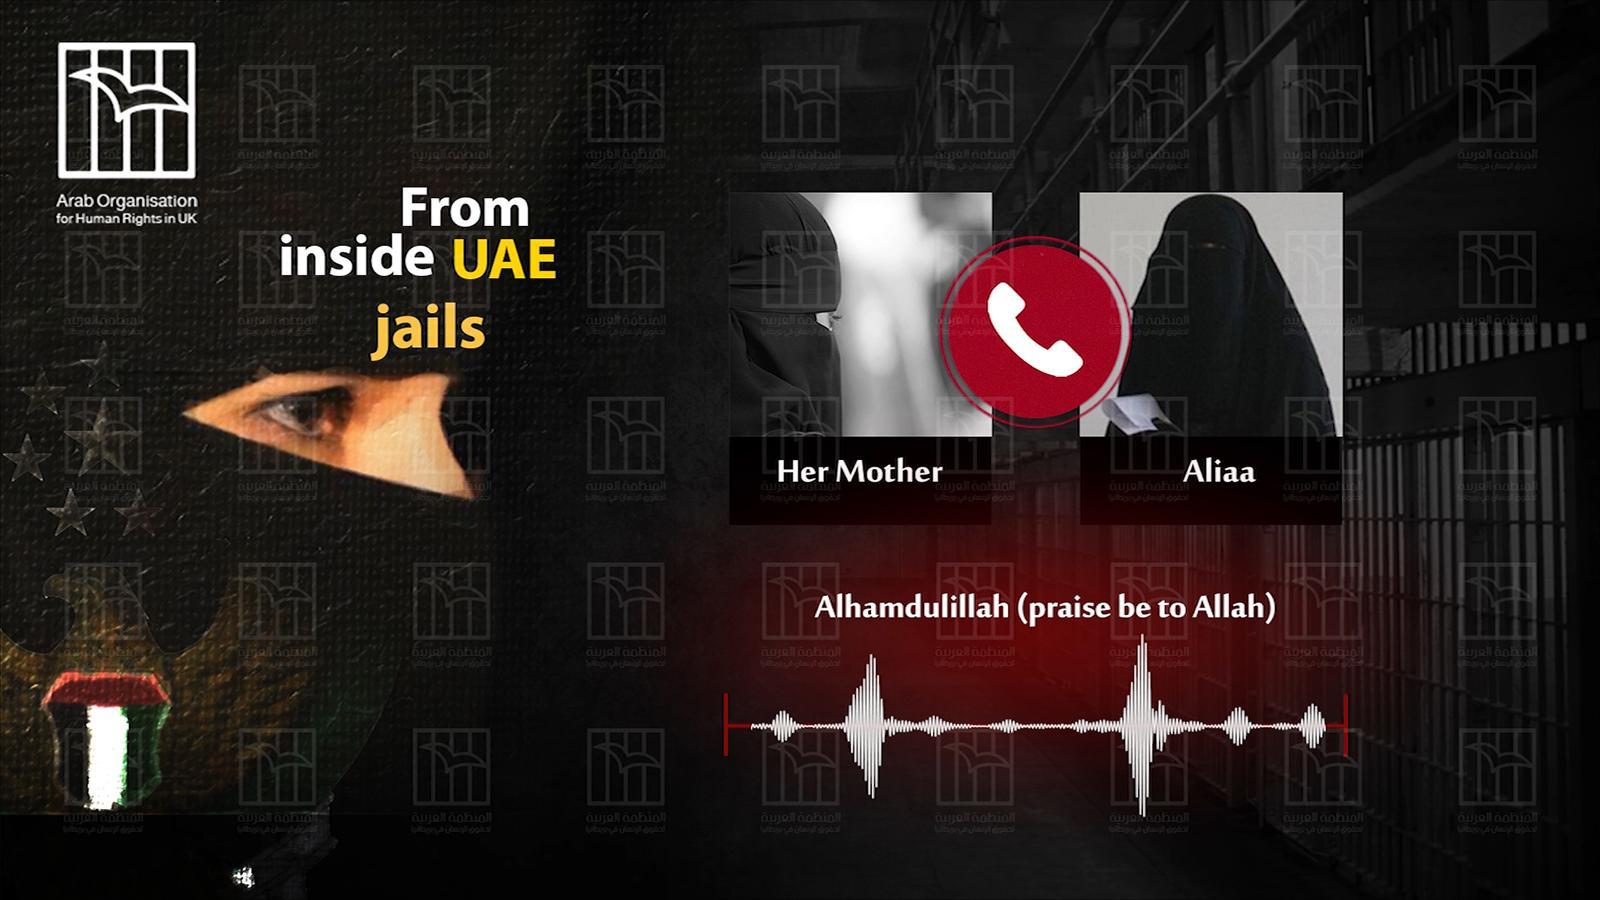 صورة وفاة المعتقلة علياء عبد النور في سجون الإمارات